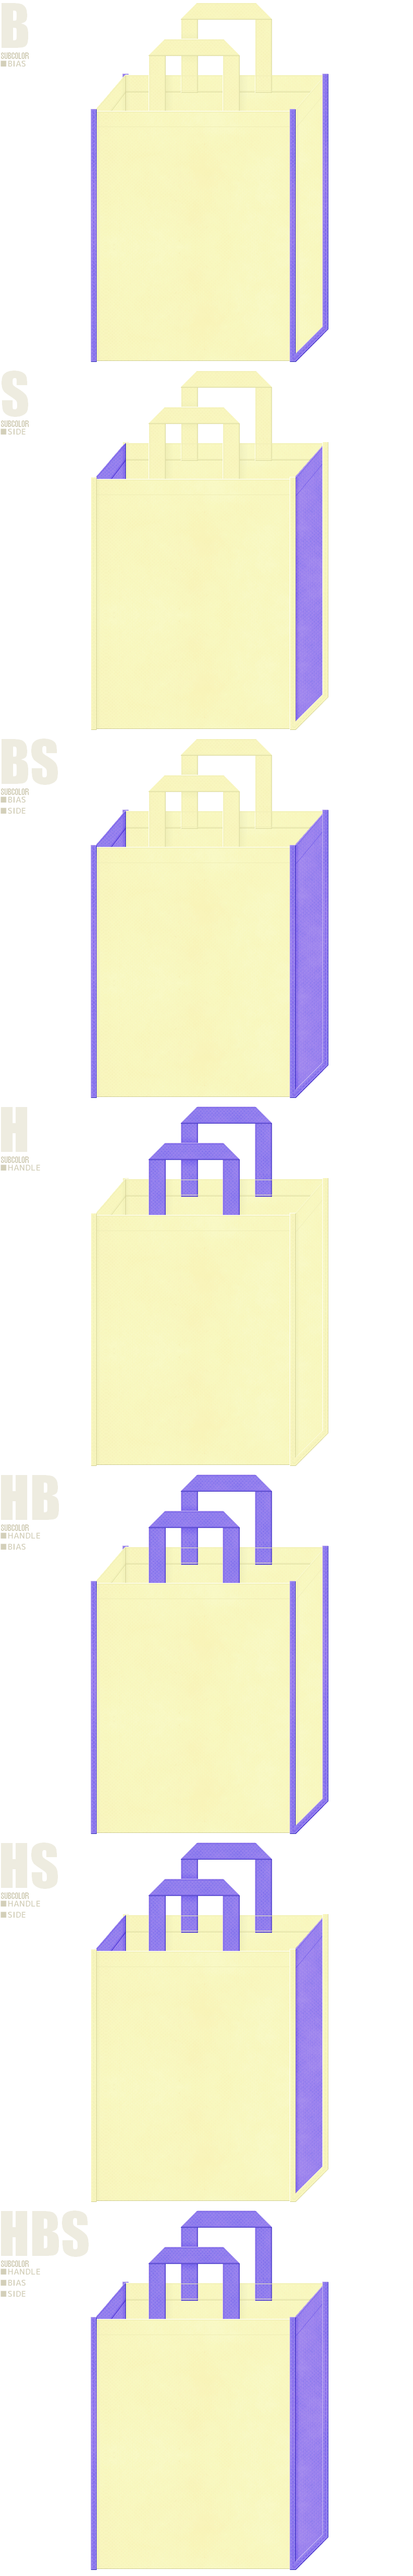 保育・福祉・介護施設・介護用品の展示会用バッグにお奨めの不織布バッグデザイン:薄黄色と薄紫色の配色7パターン。